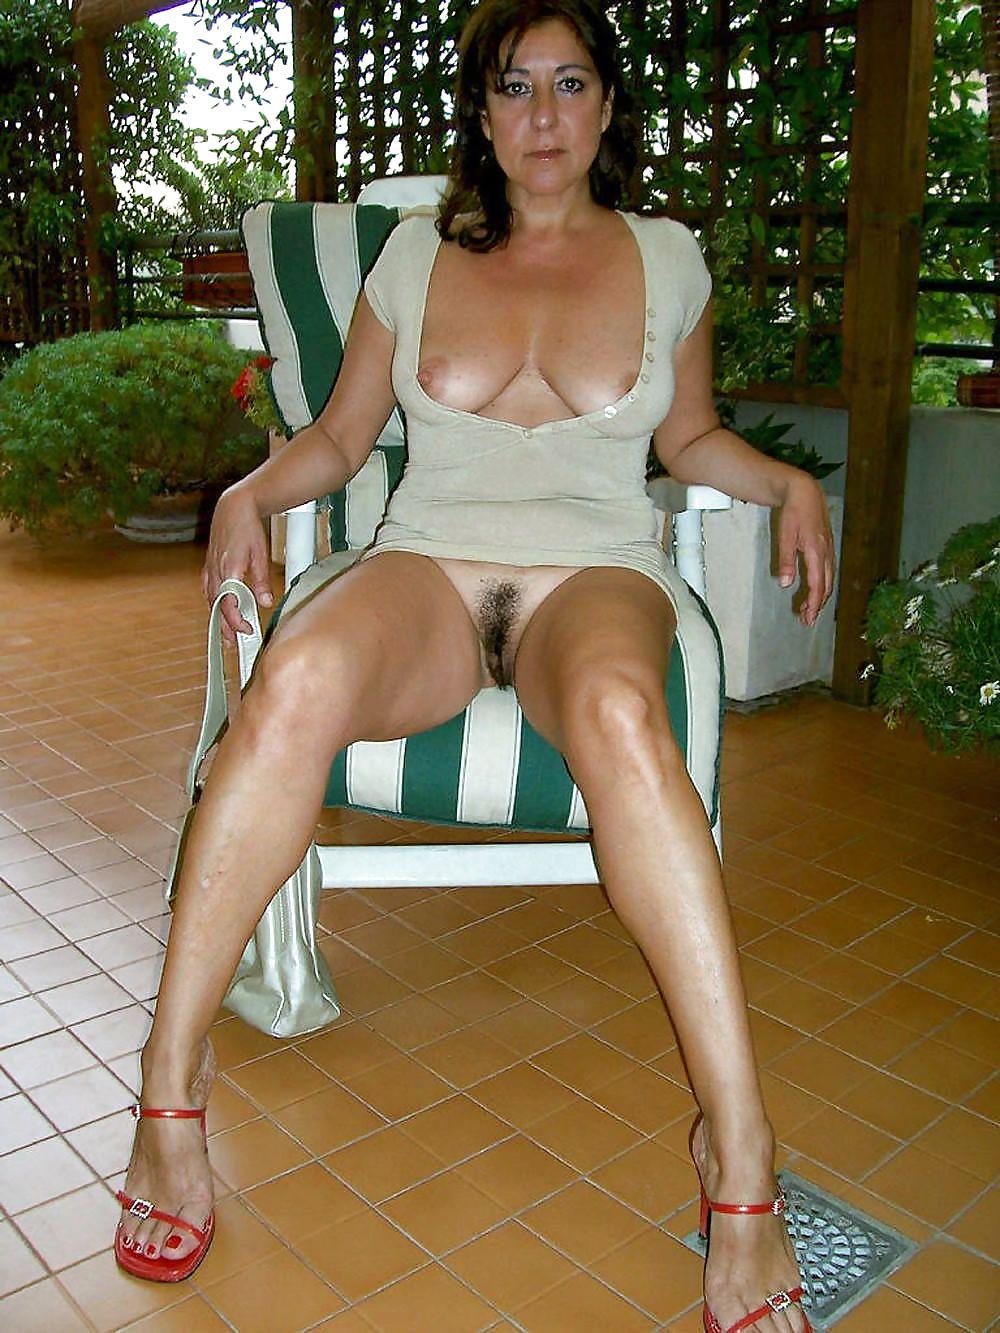 Скайпе откровенной фото порно женщины возрасте в юбках ютуб оргии девушки